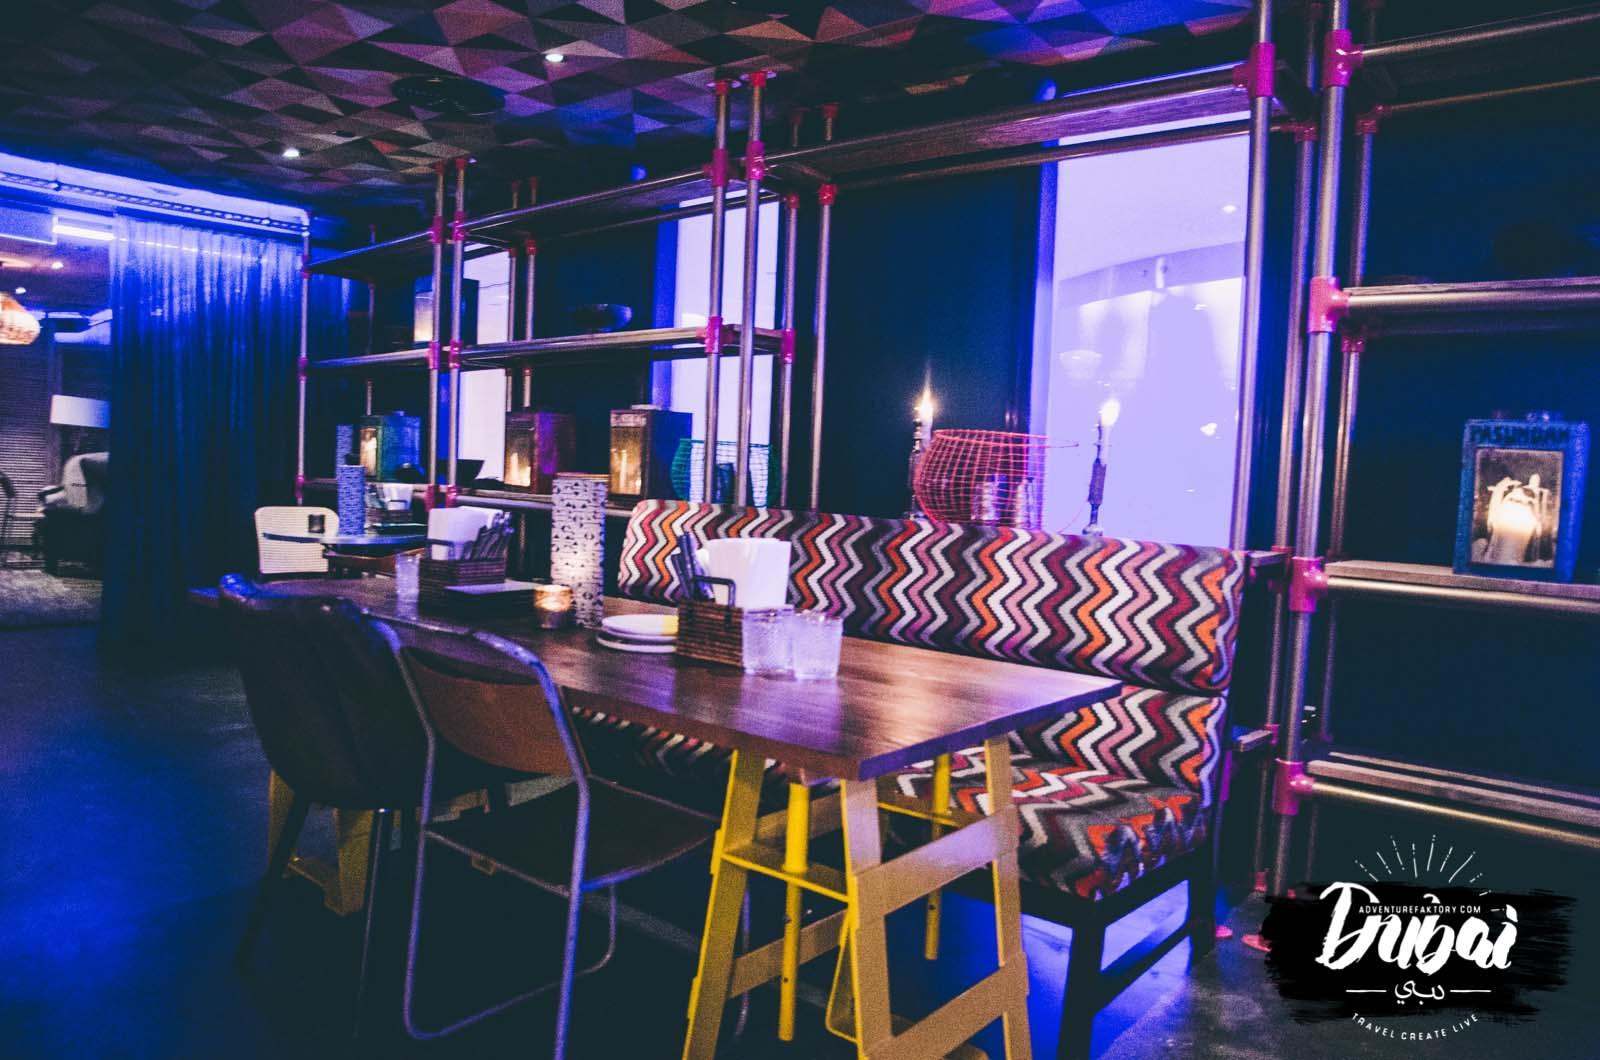 Spirito @ Media One Hotel x AdventureFaktory